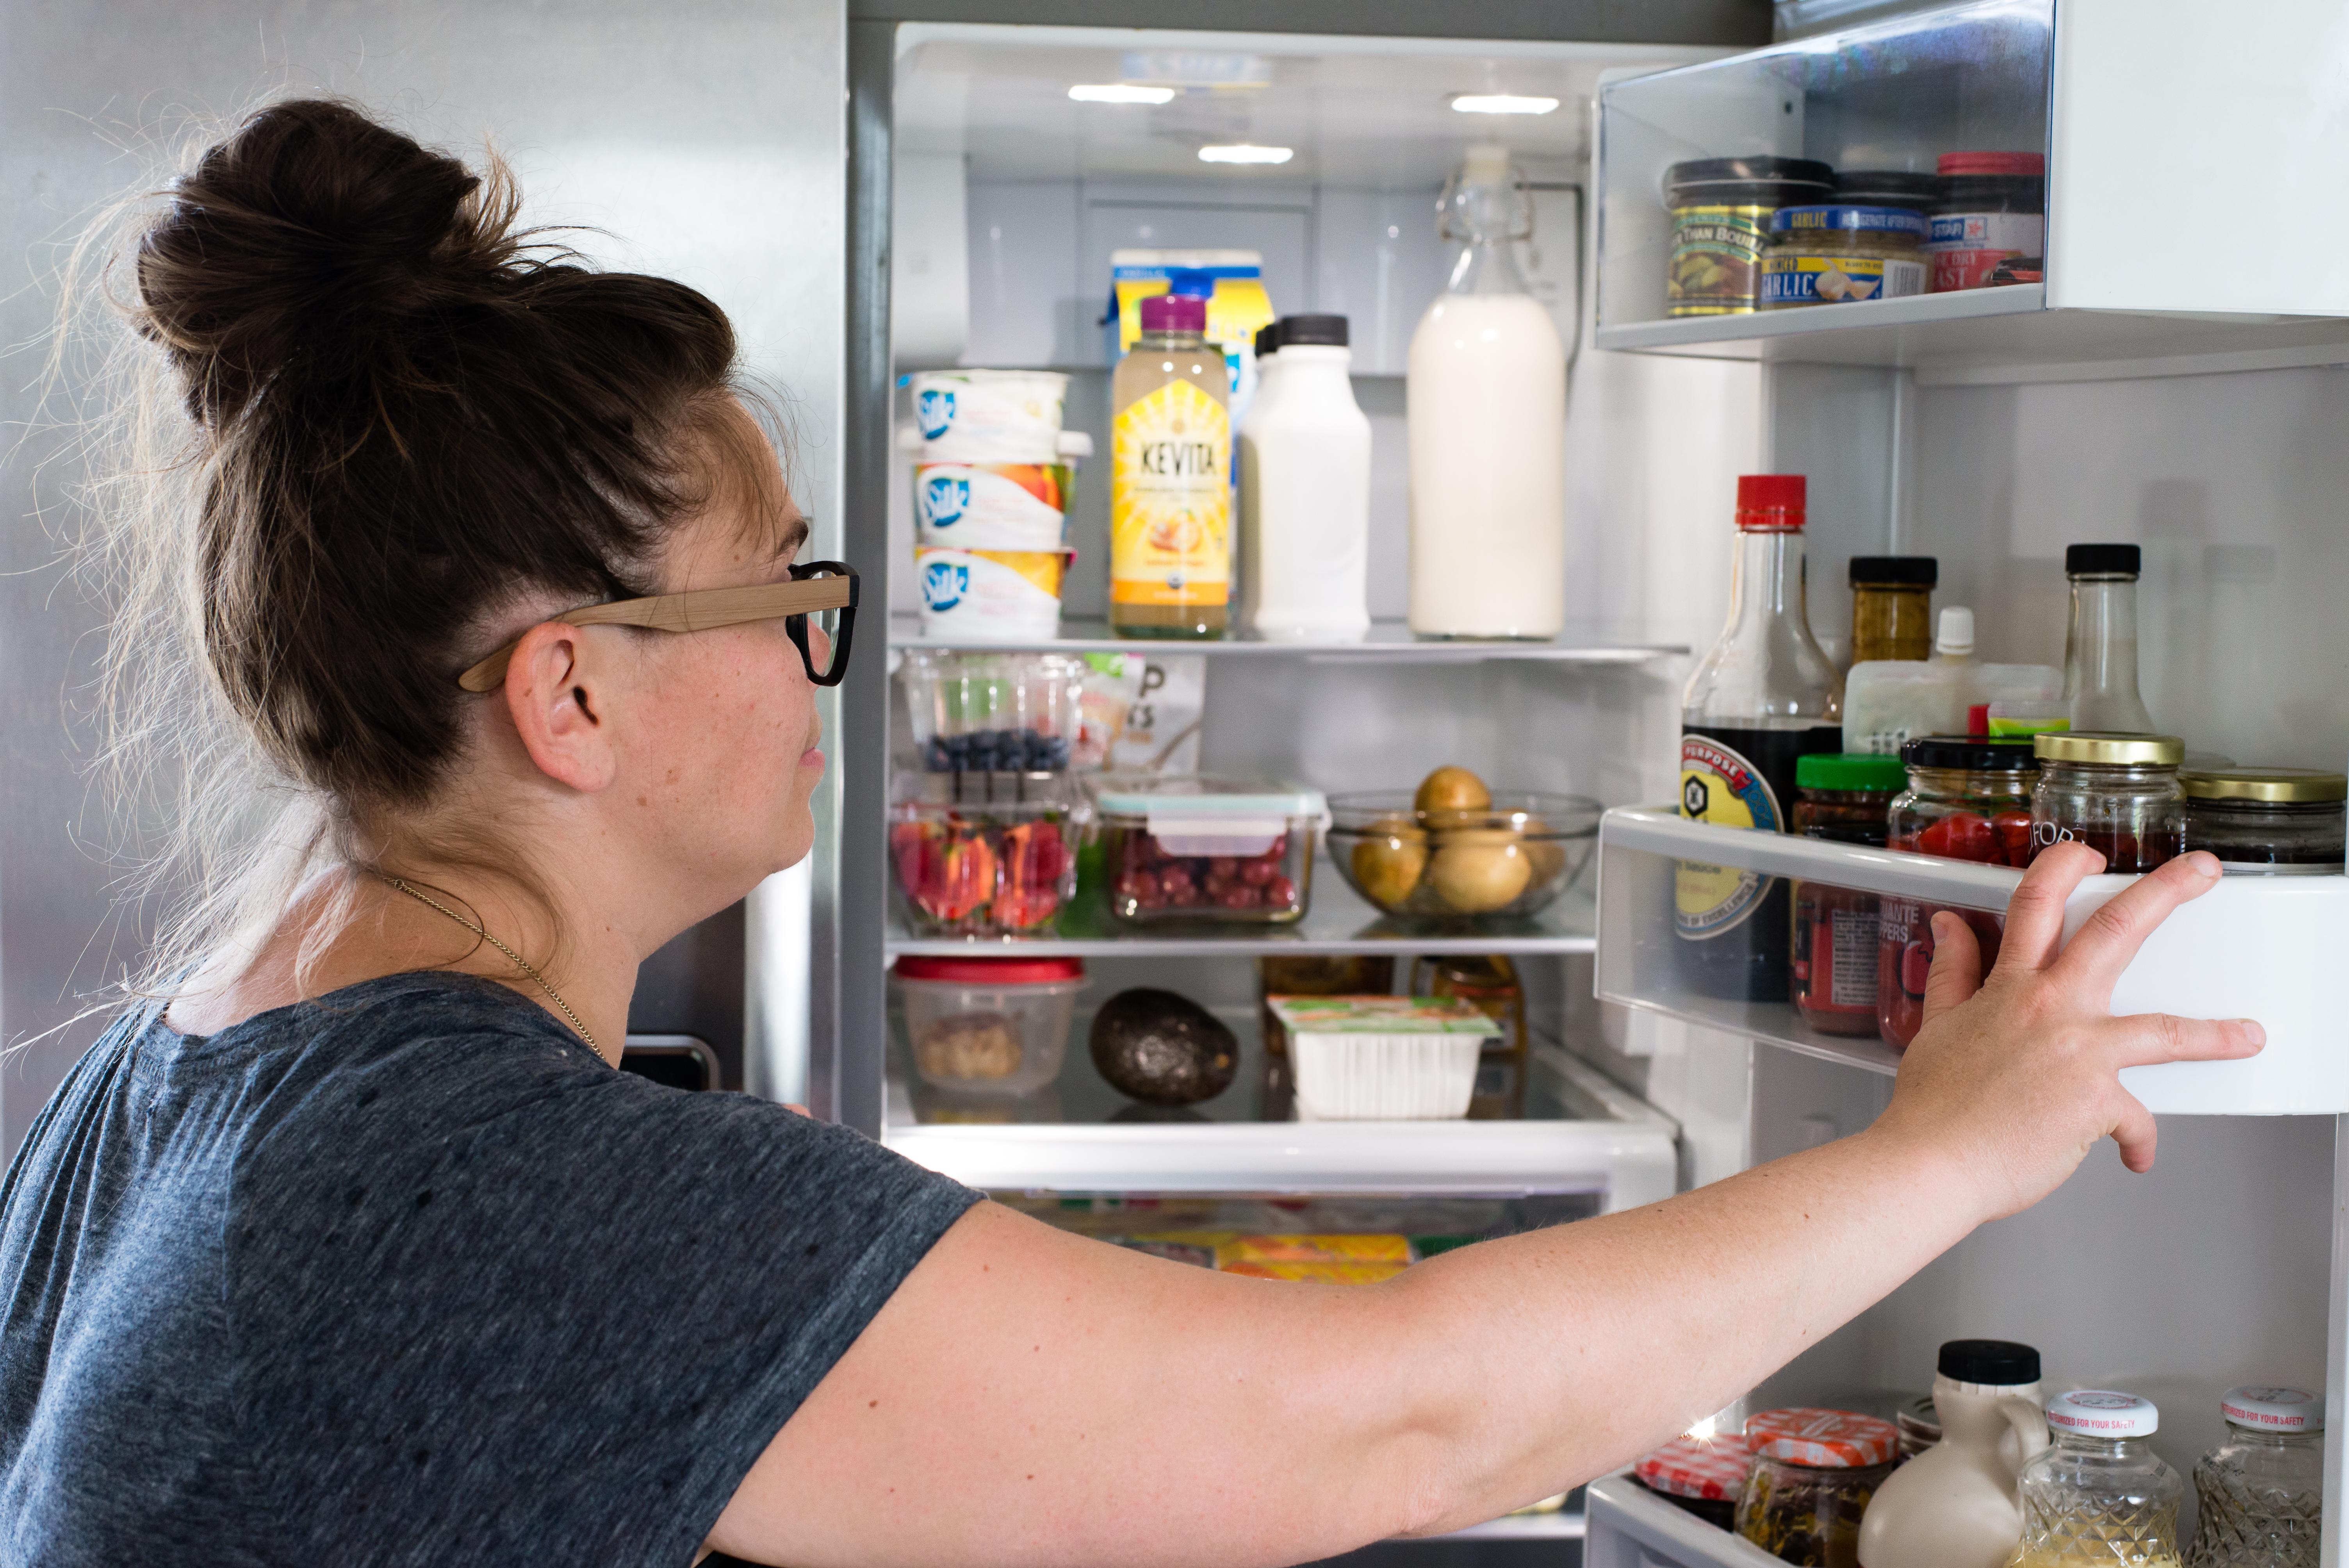 Setting Up Shared Kitchen Tips | Kitchn